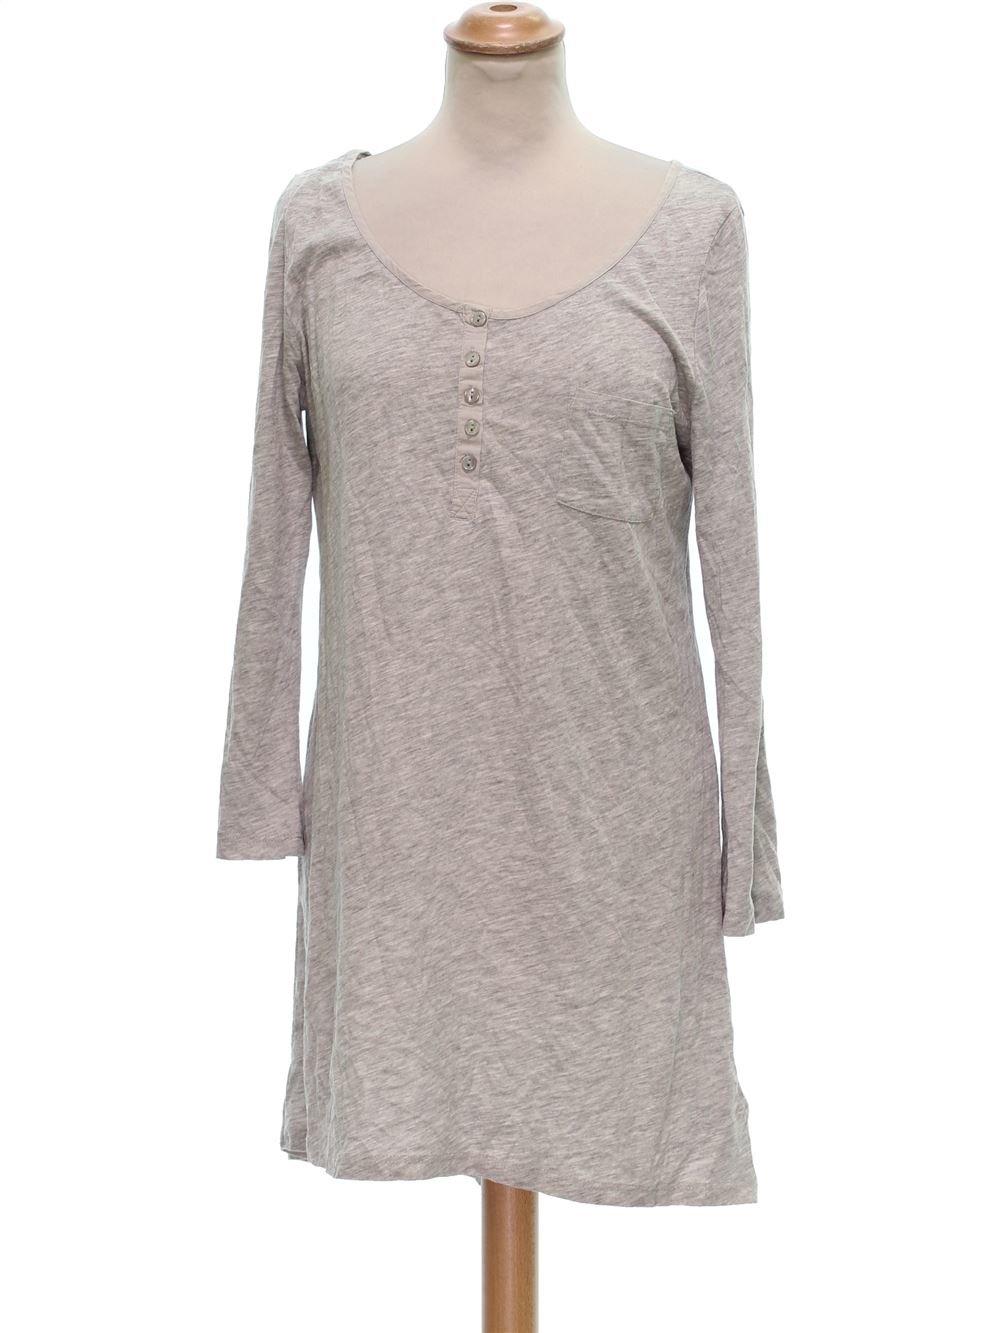 info pour 581a9 0ca1b Tunique Femme H&M M pas cher, 1.58 € - #1459443